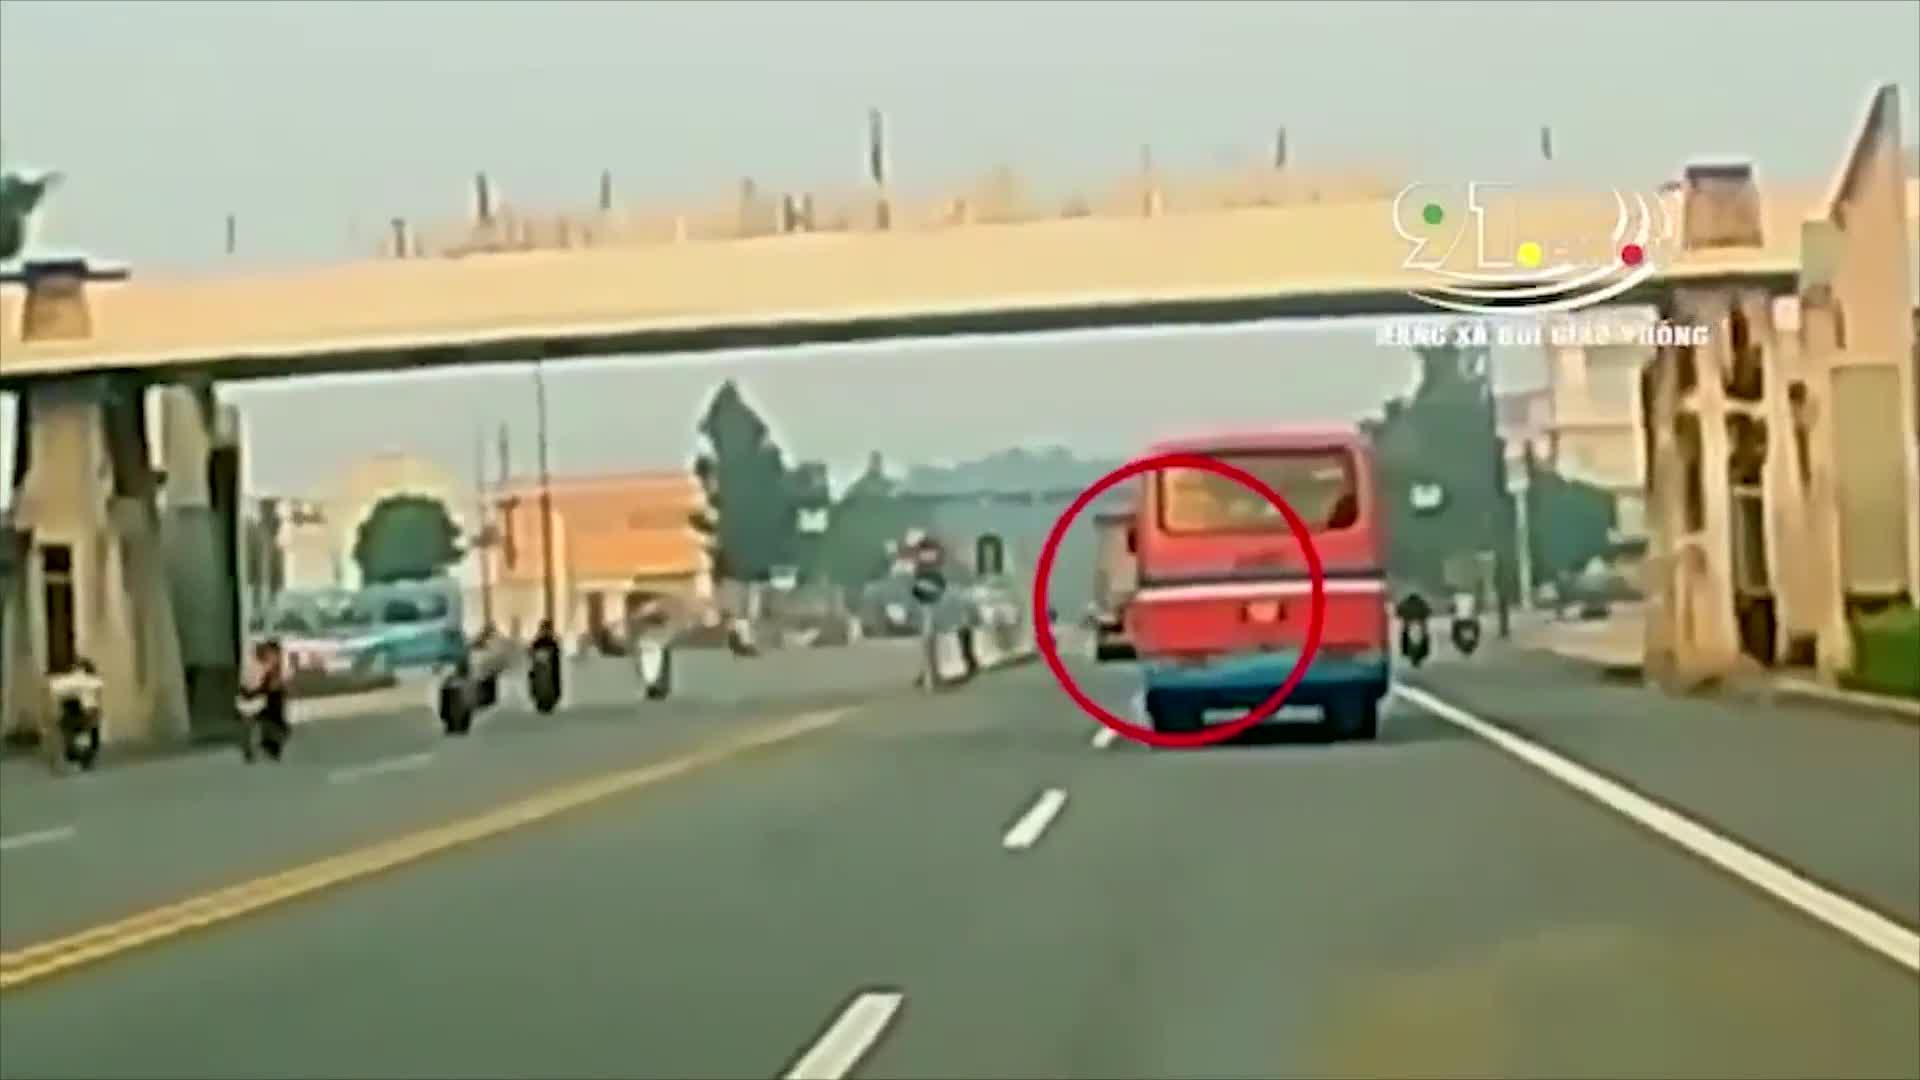 Pha tai nạn cồng kềnh giữa ngã tư và phận đời của nữ tài xế